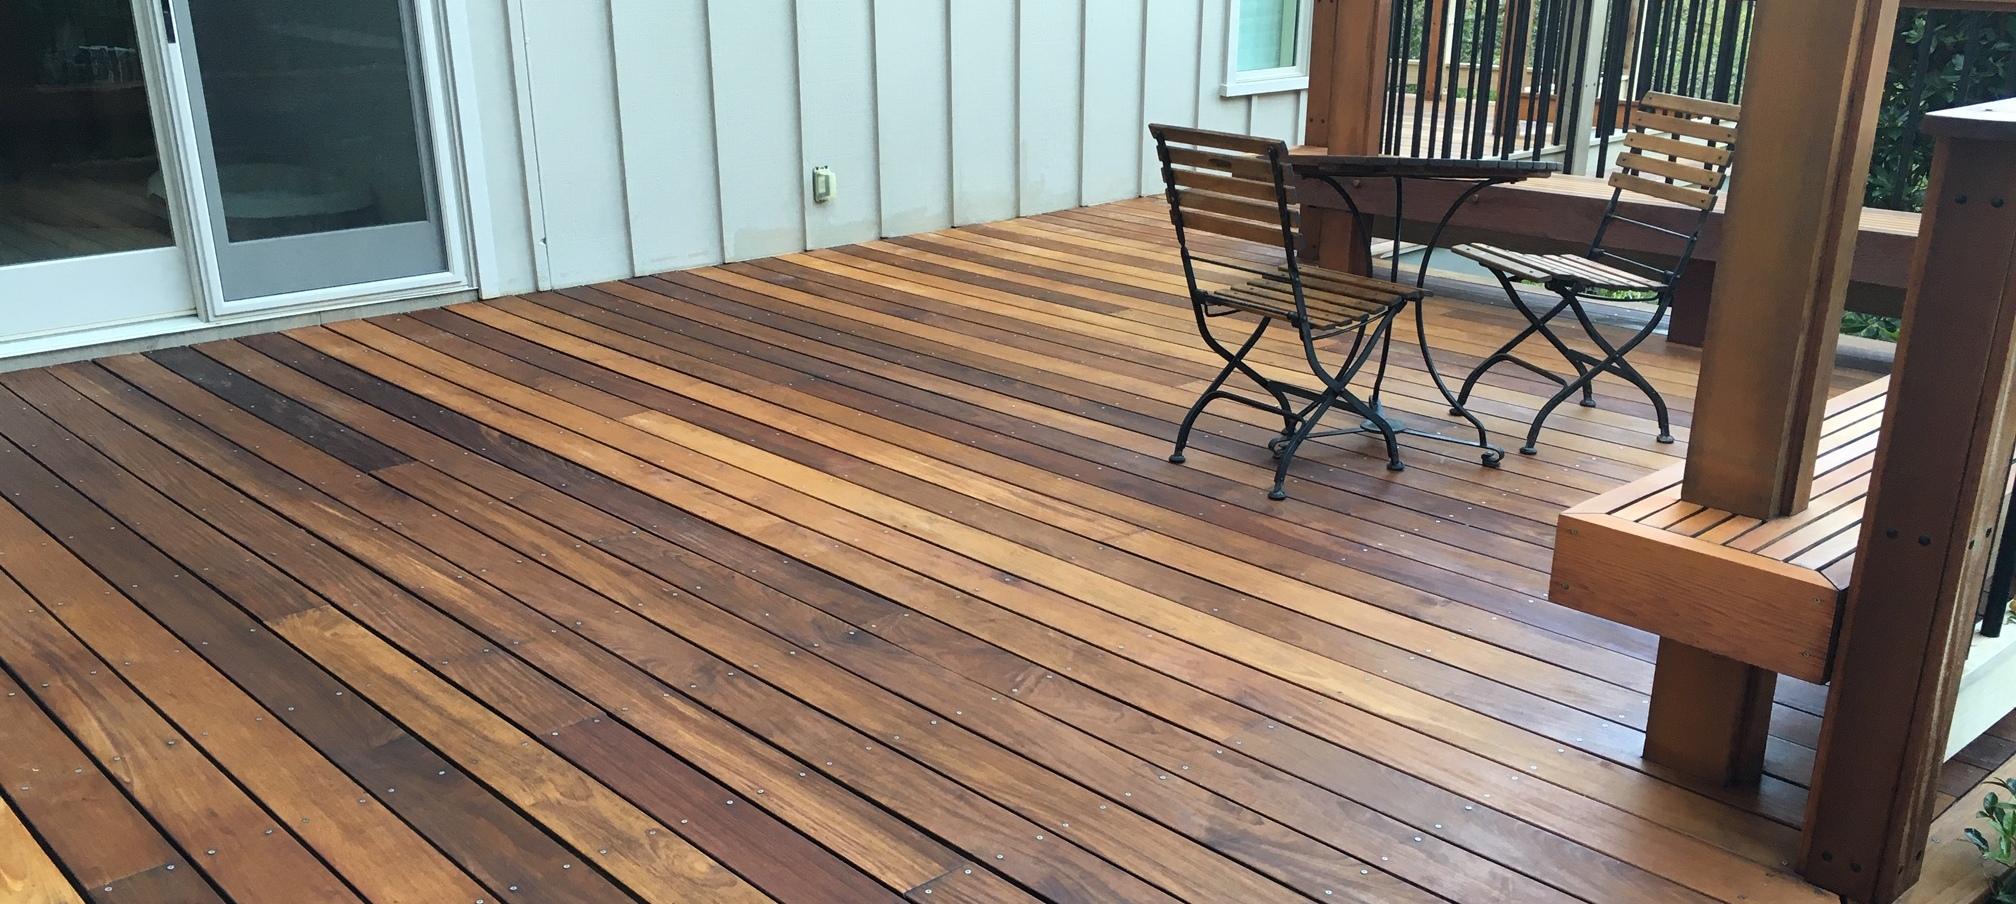 Wood Deck Pressure Wash Clean And Seal N